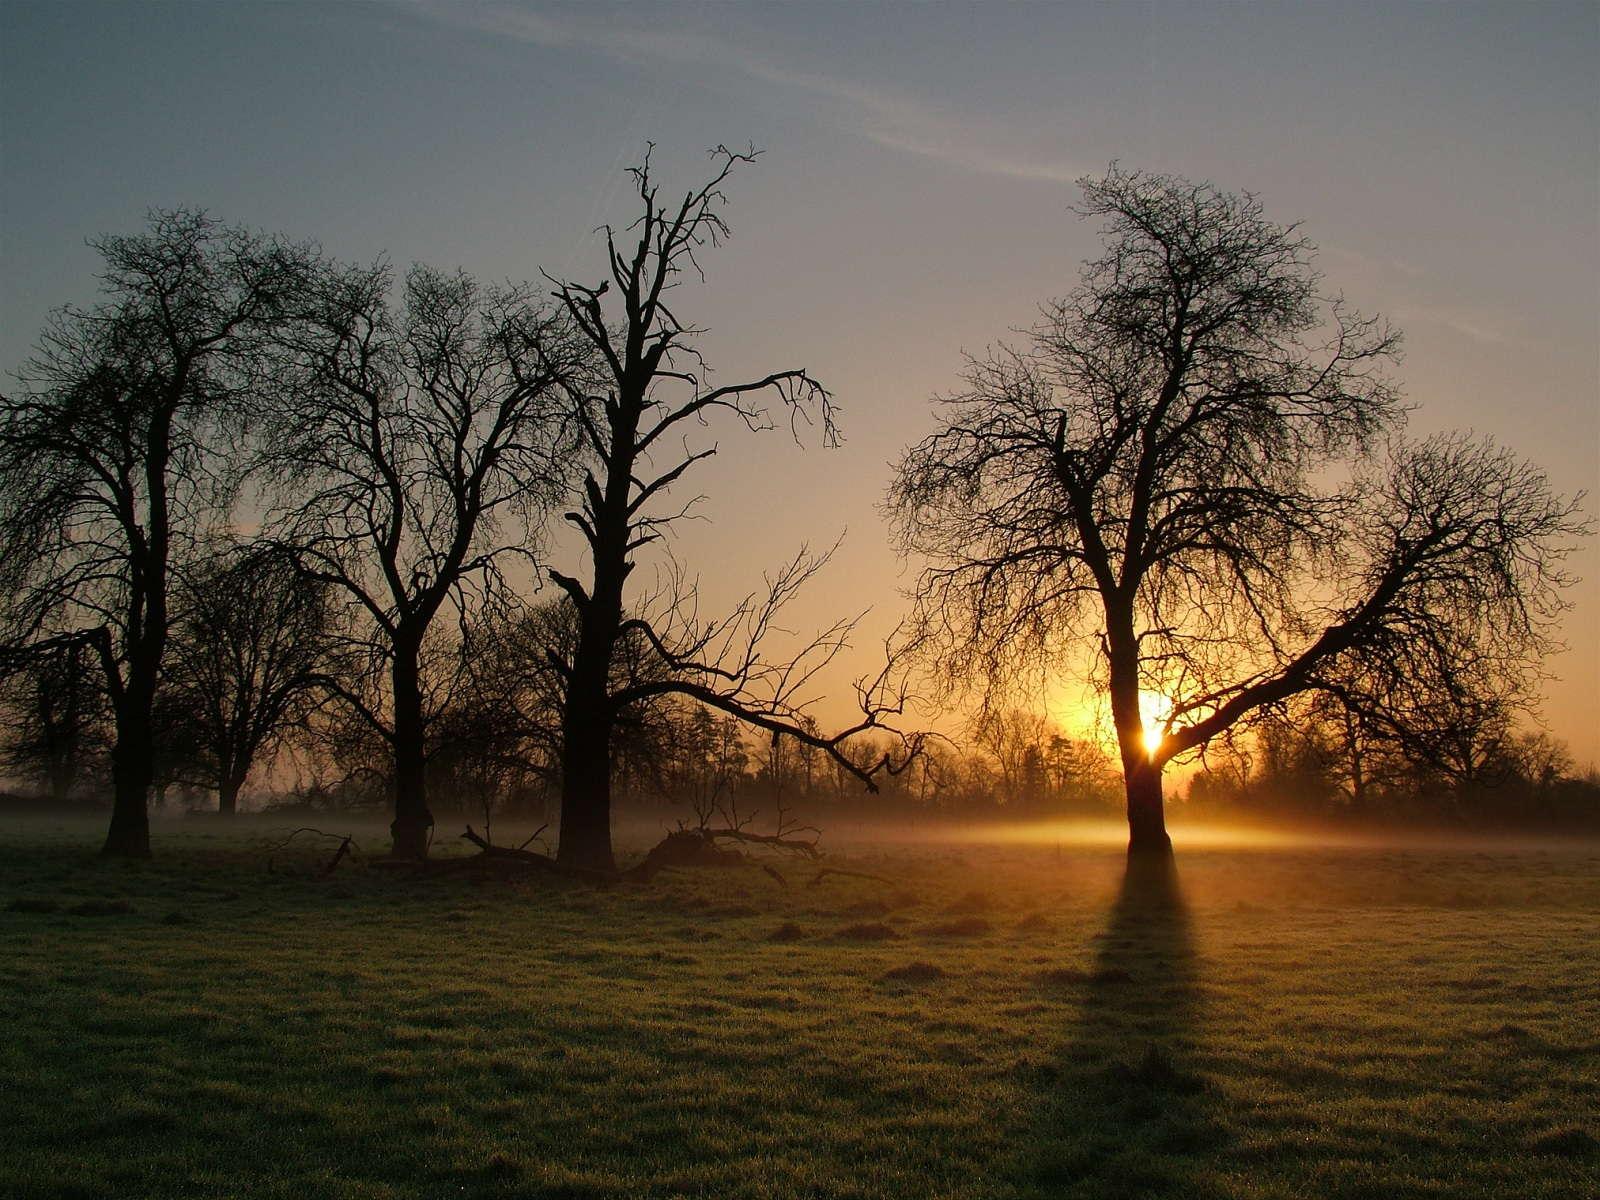 بالصور منظر جميل , احلي المناظر الطبيعية 5181